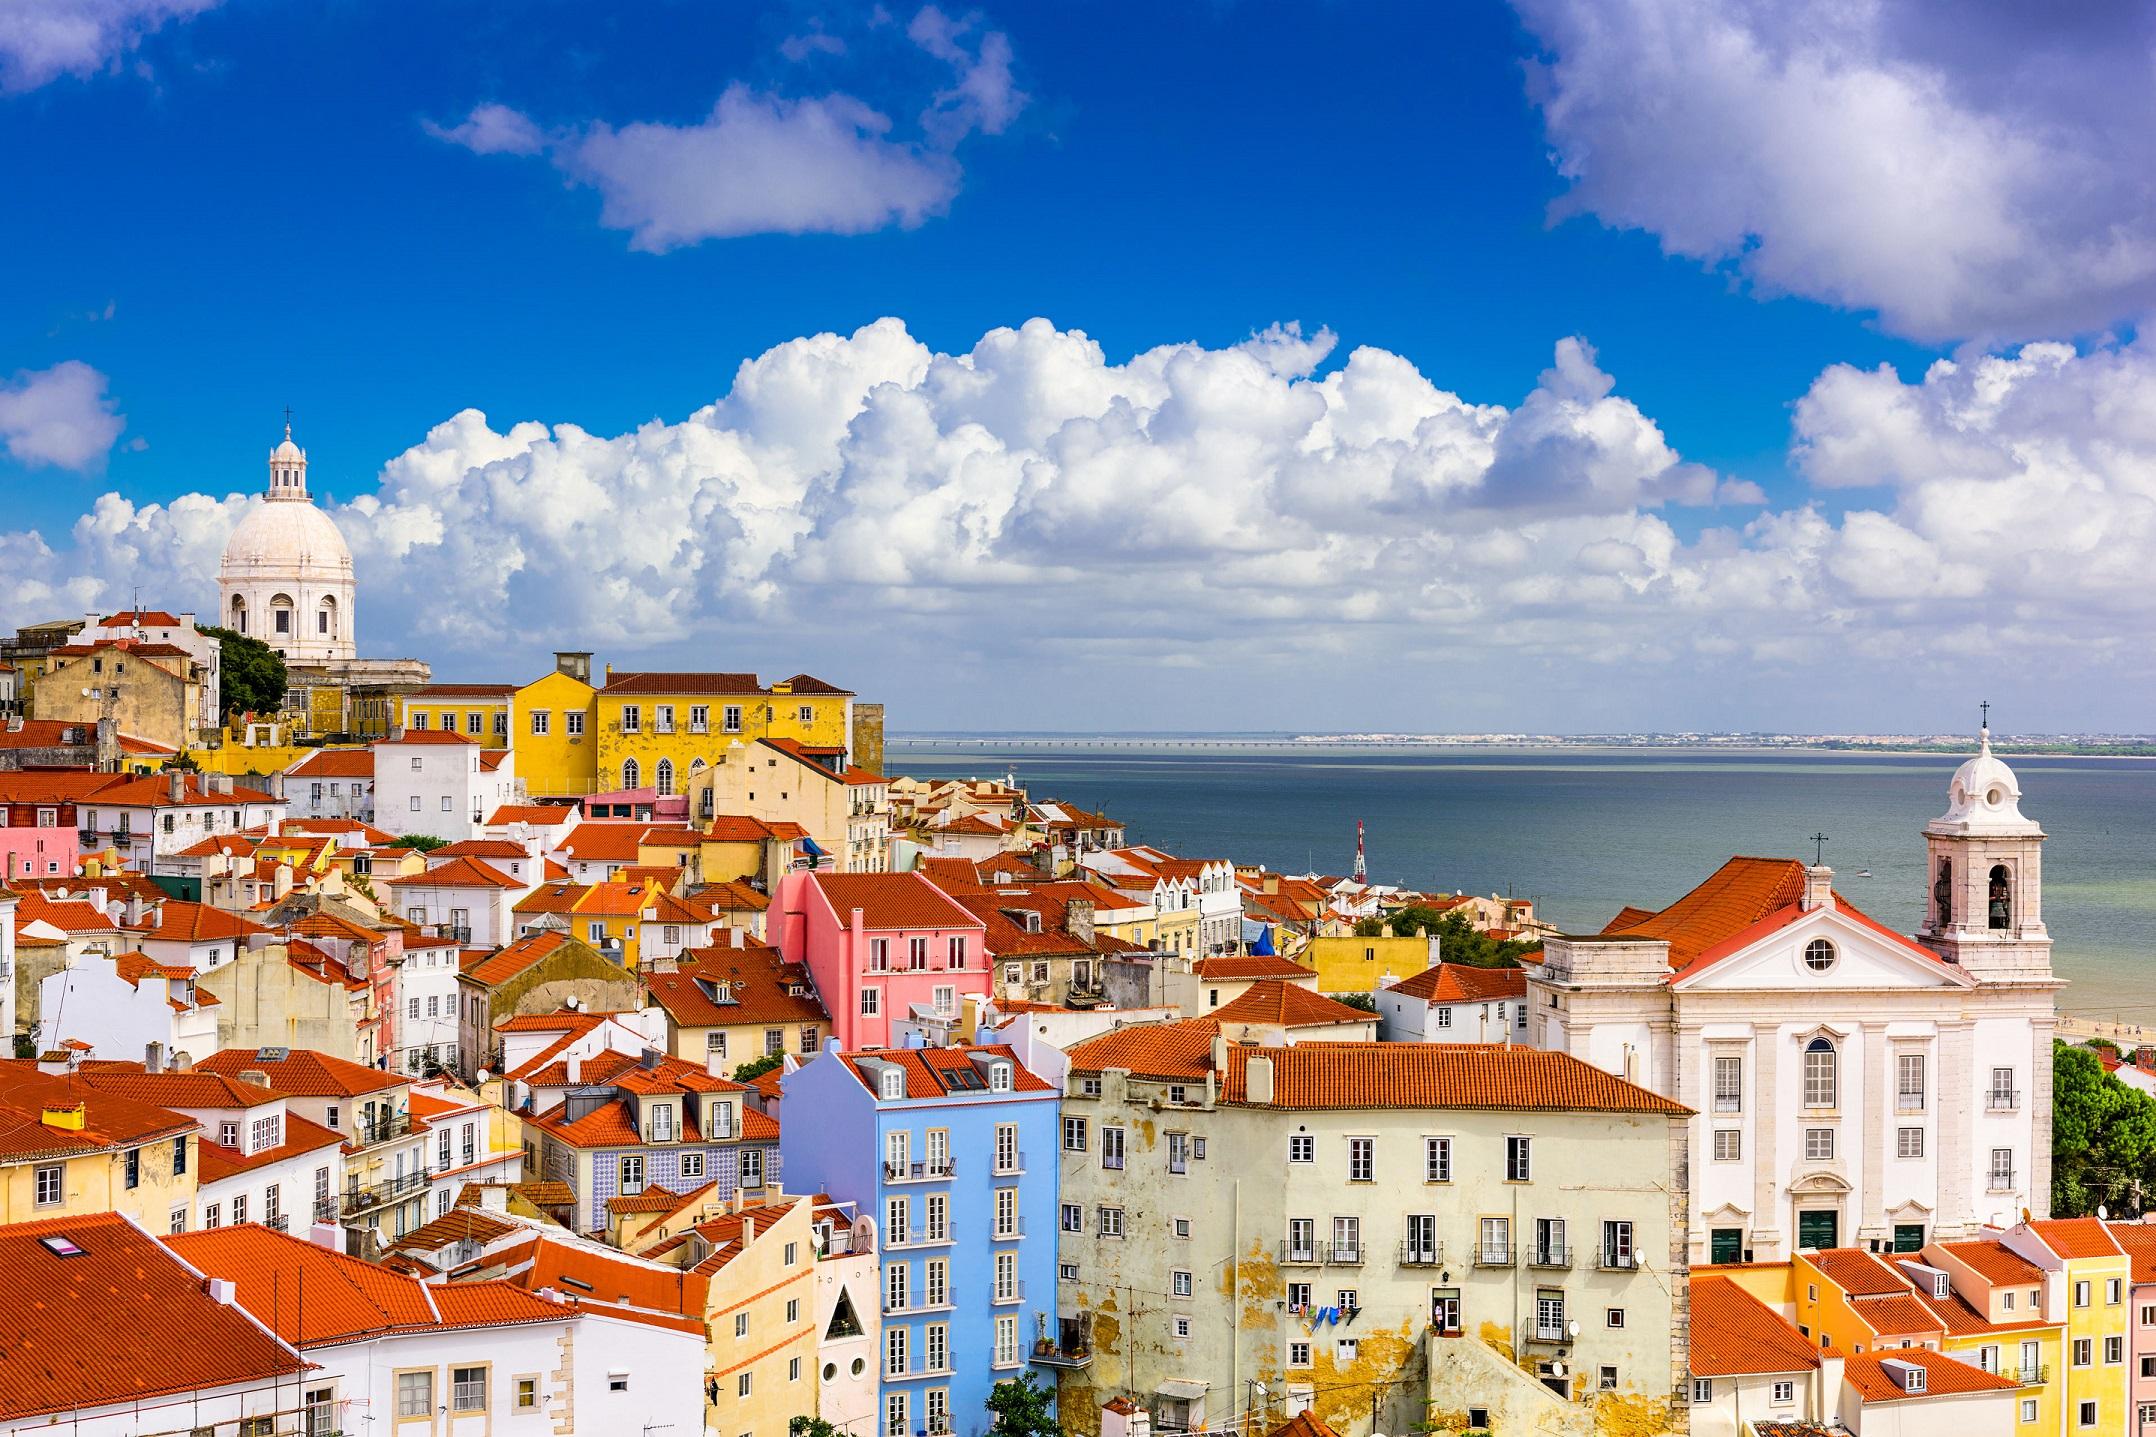 41511085-lisbon-portugal-cityscape-in-the-alfama-district